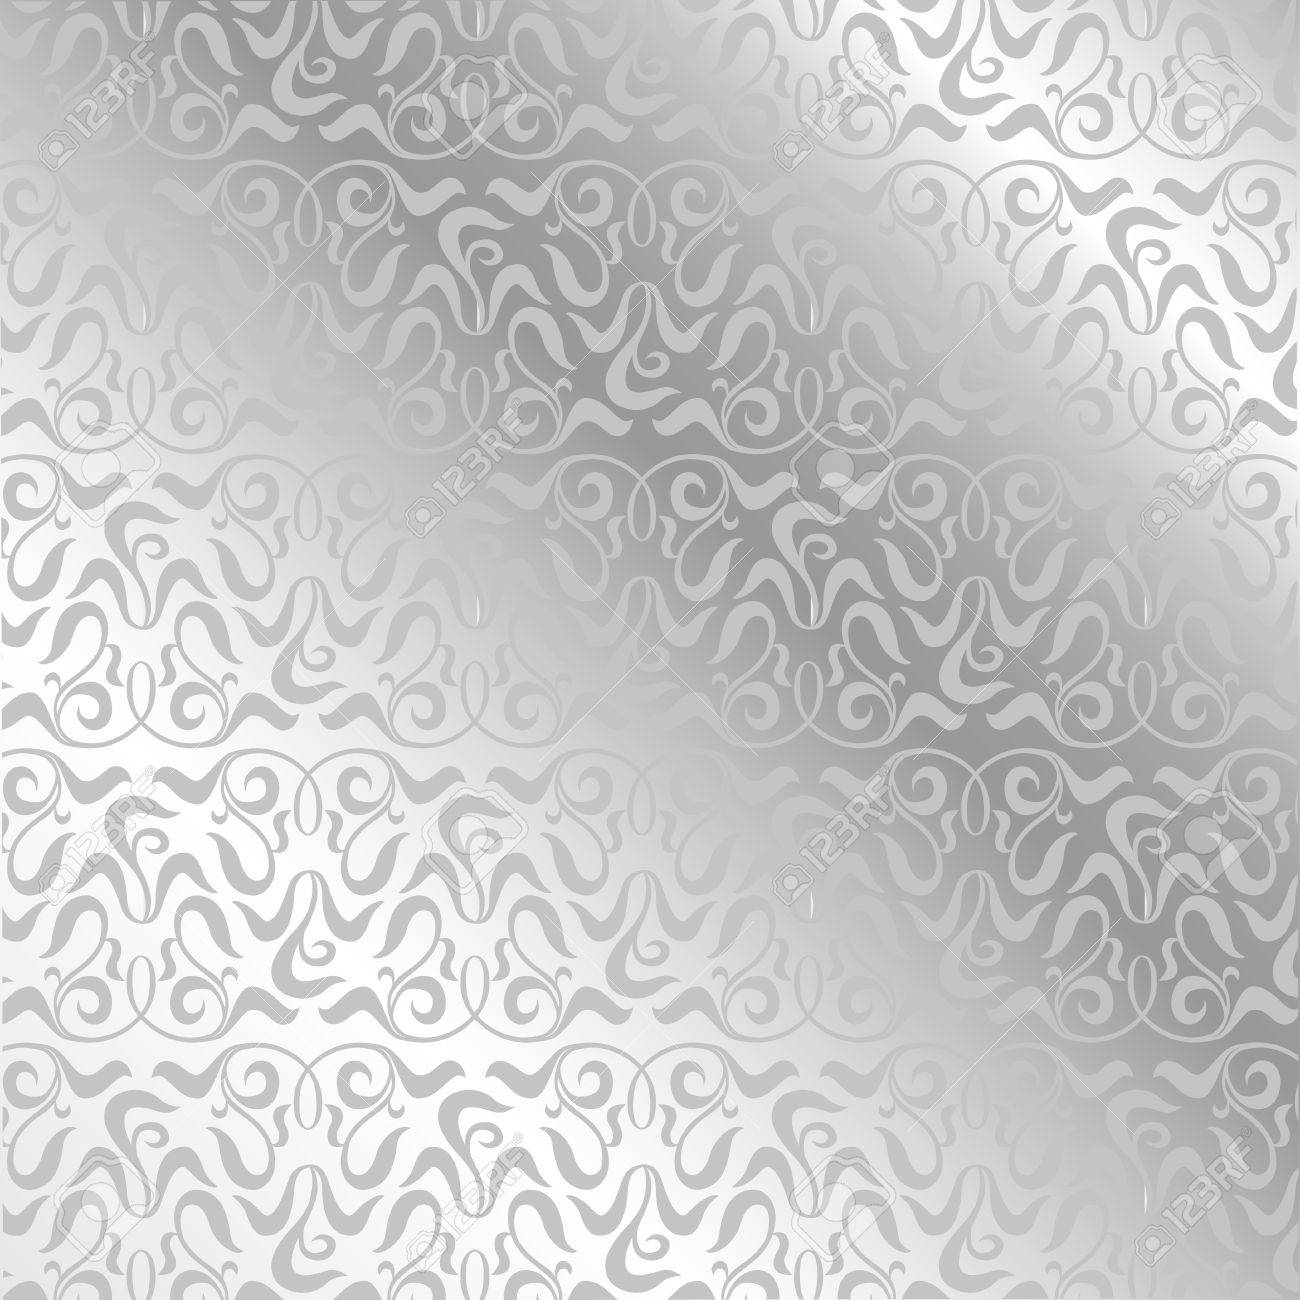 Fondo De Plata De Oro Decorativo Con El Modelo Viñeta Transparente Para Tarjeta De Felicitación Tarjetas De Boda Tarjetas De Invitación